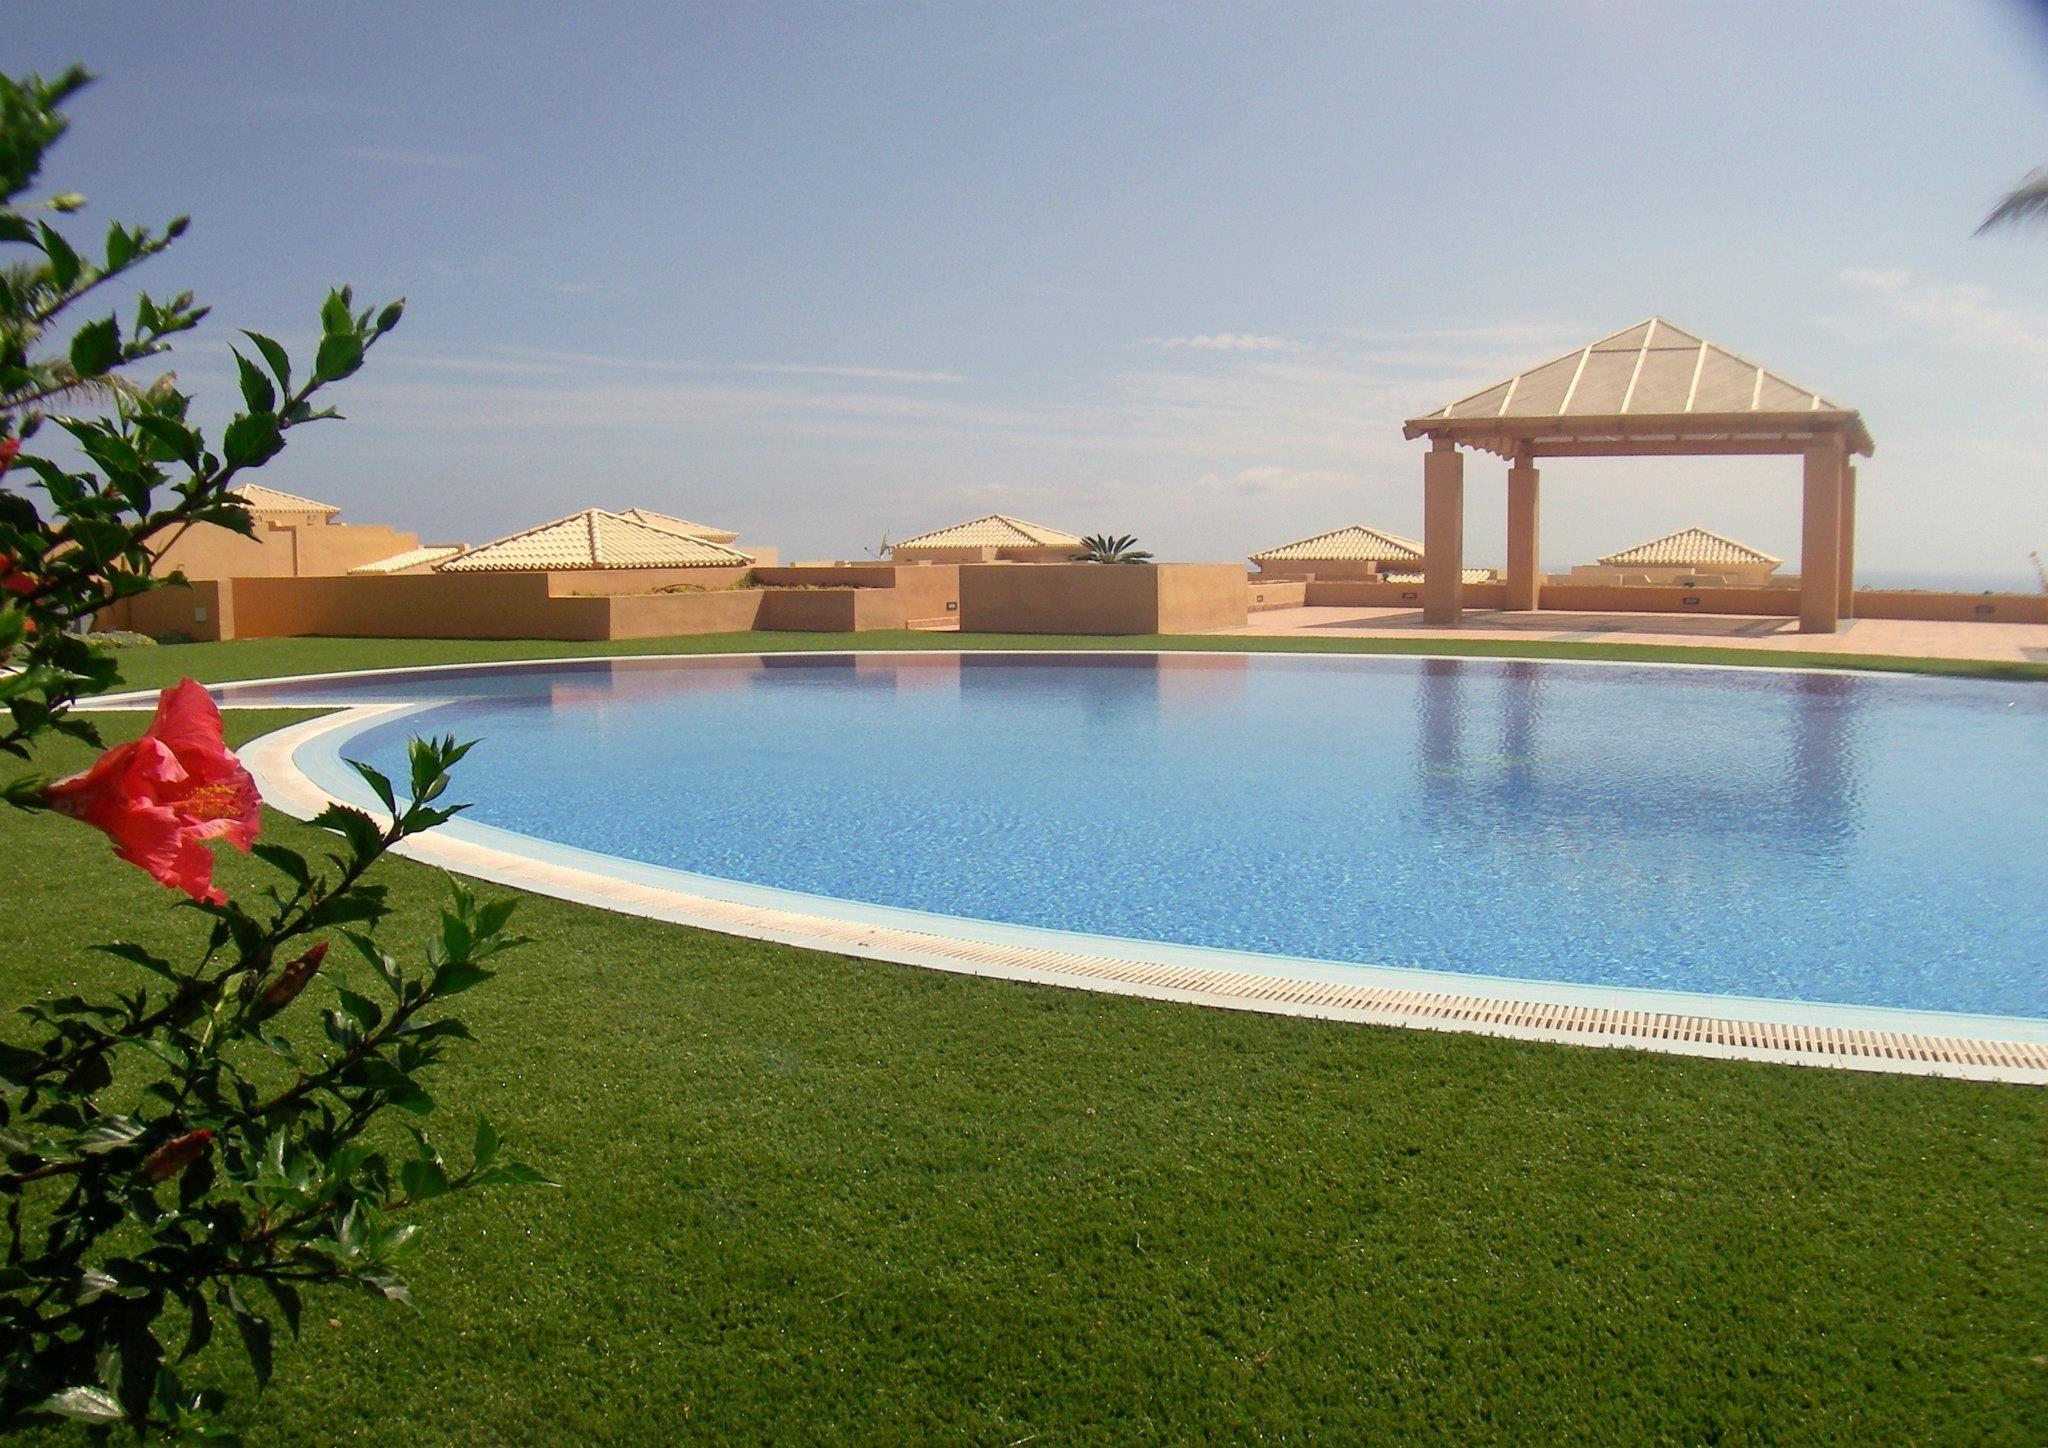 Casas de lujo con piscina en Tenerife